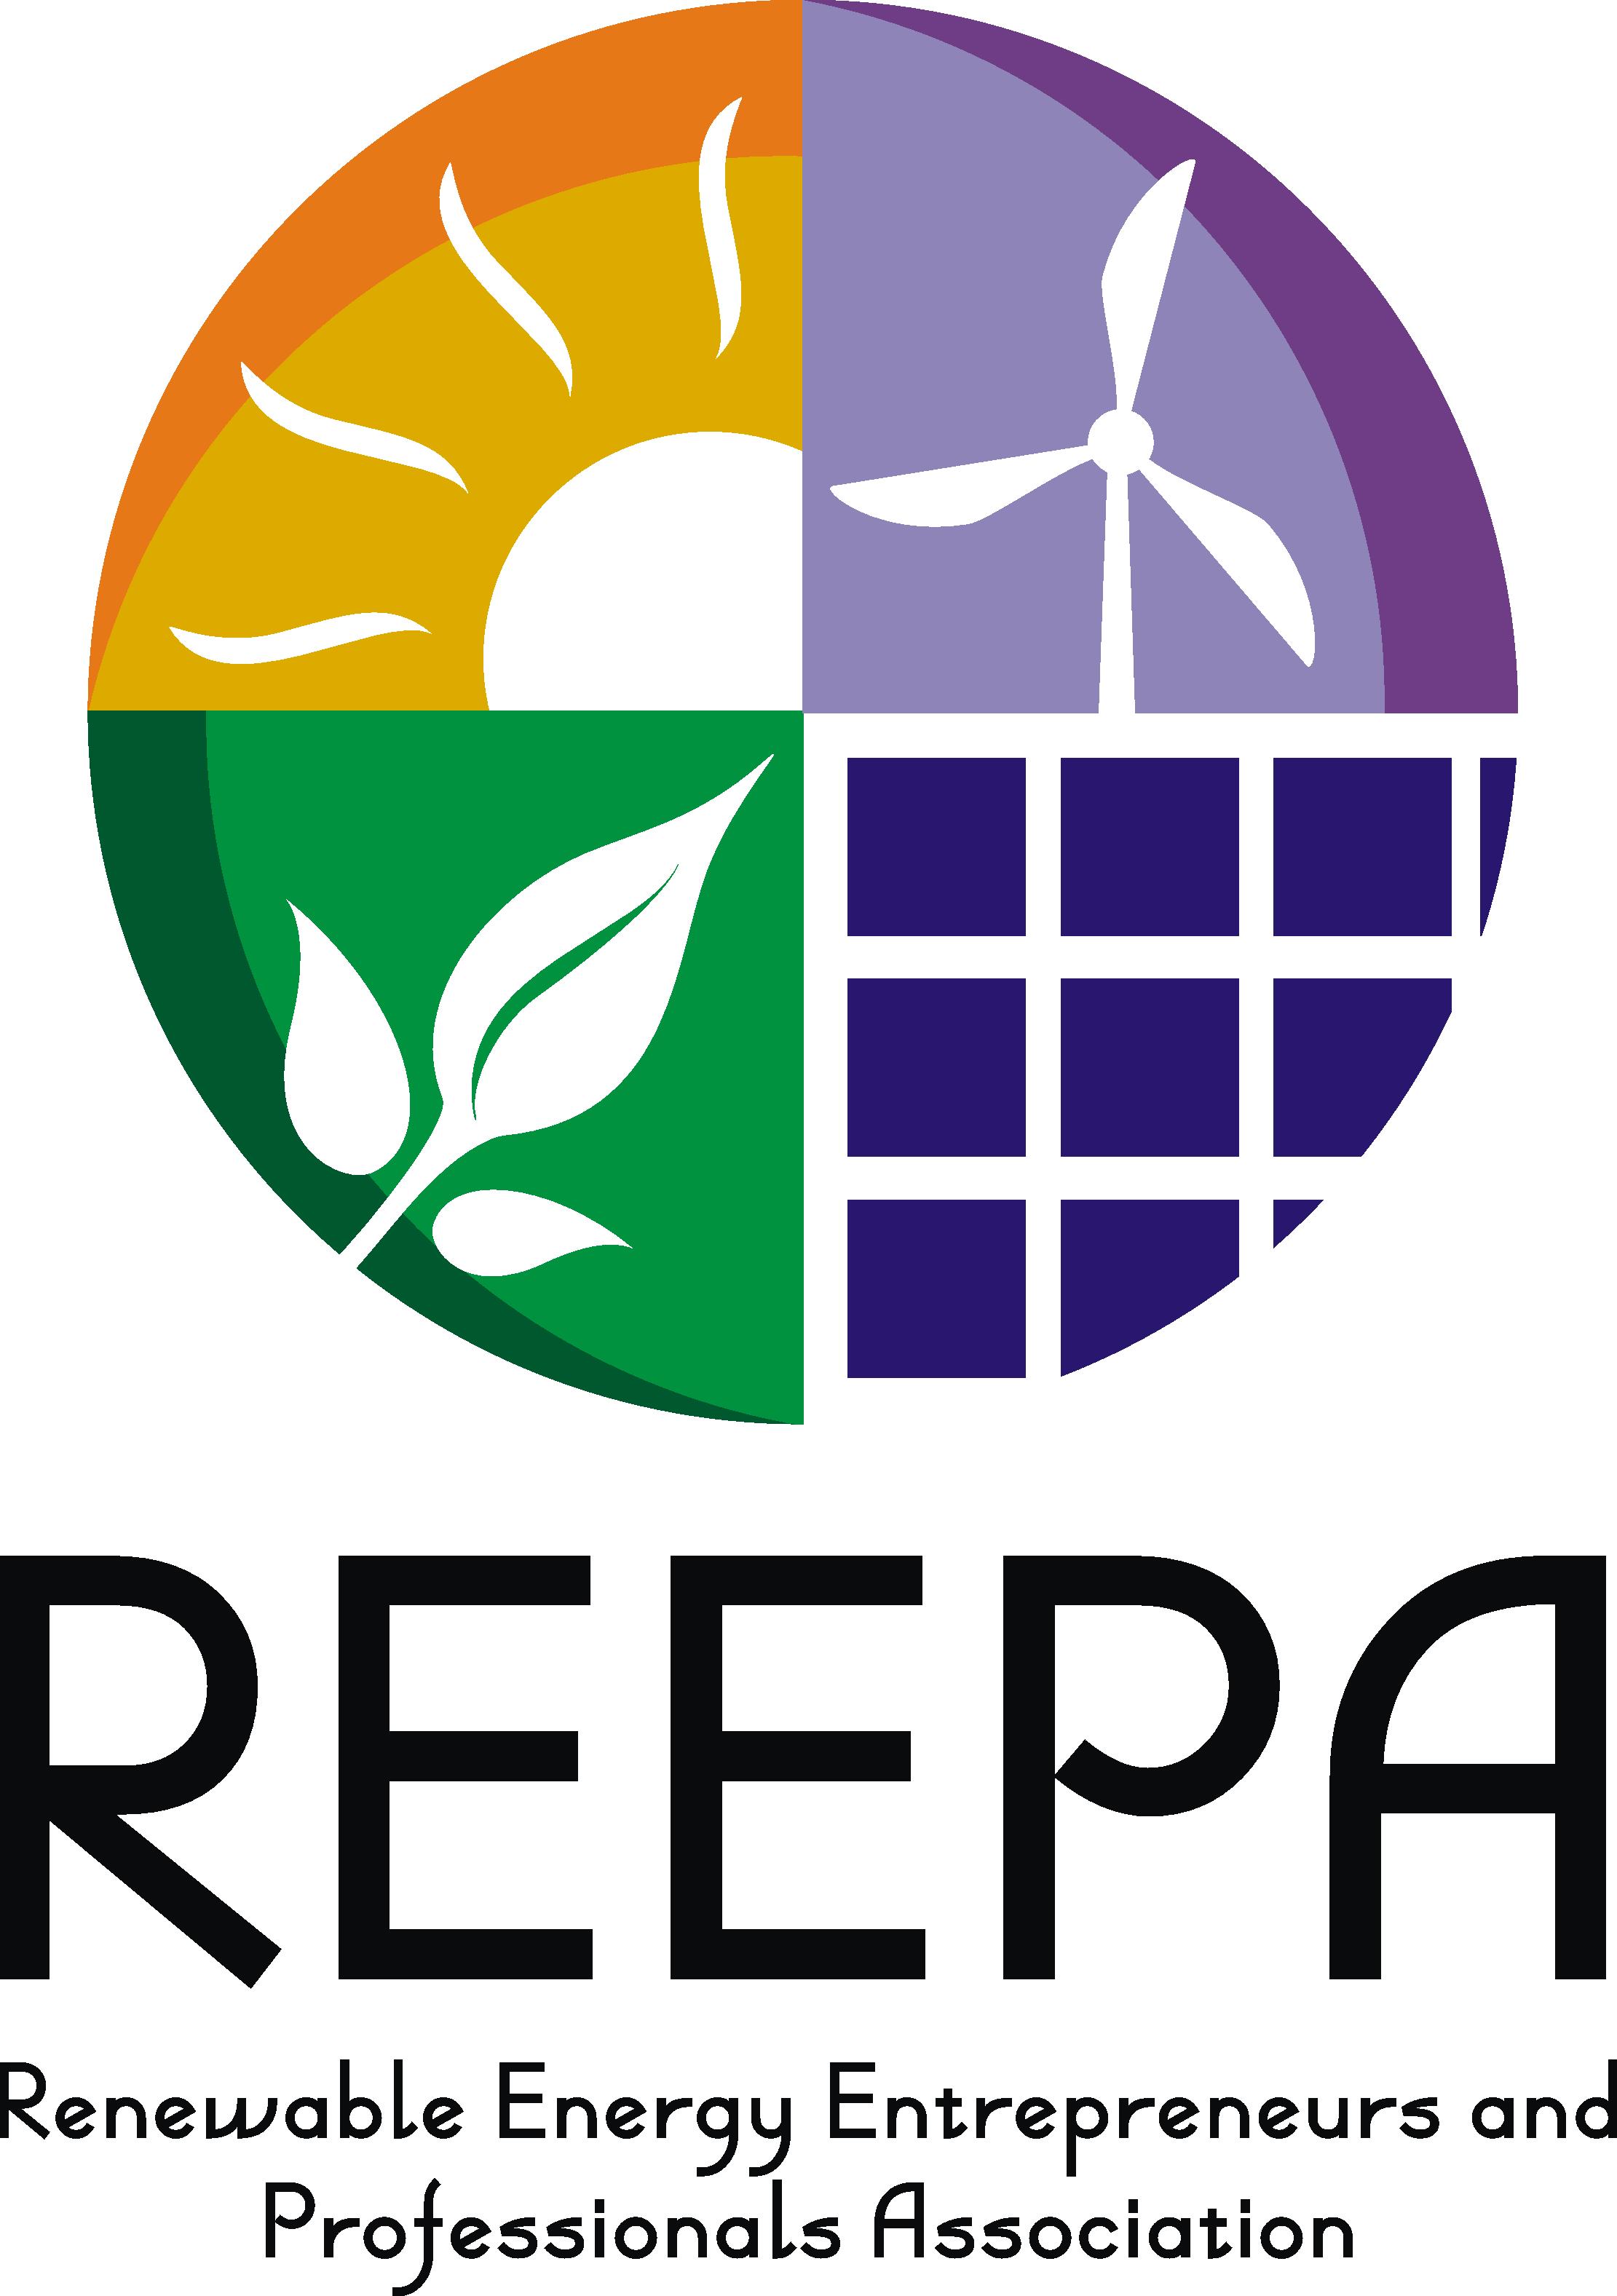 reepa